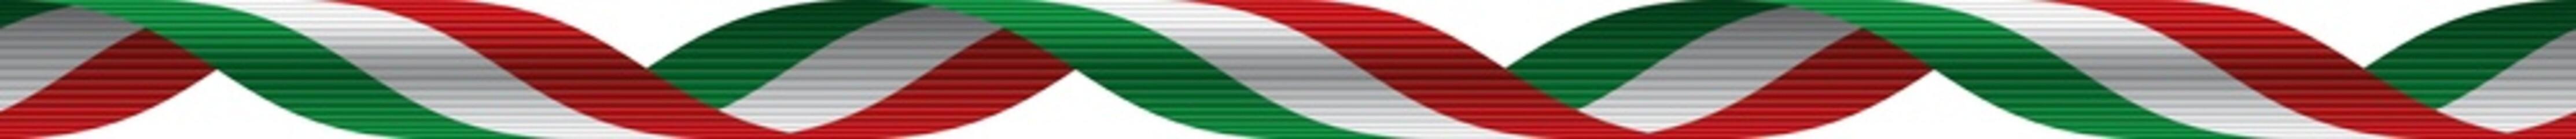 Nastro tricolore italiano - Italian ribbon